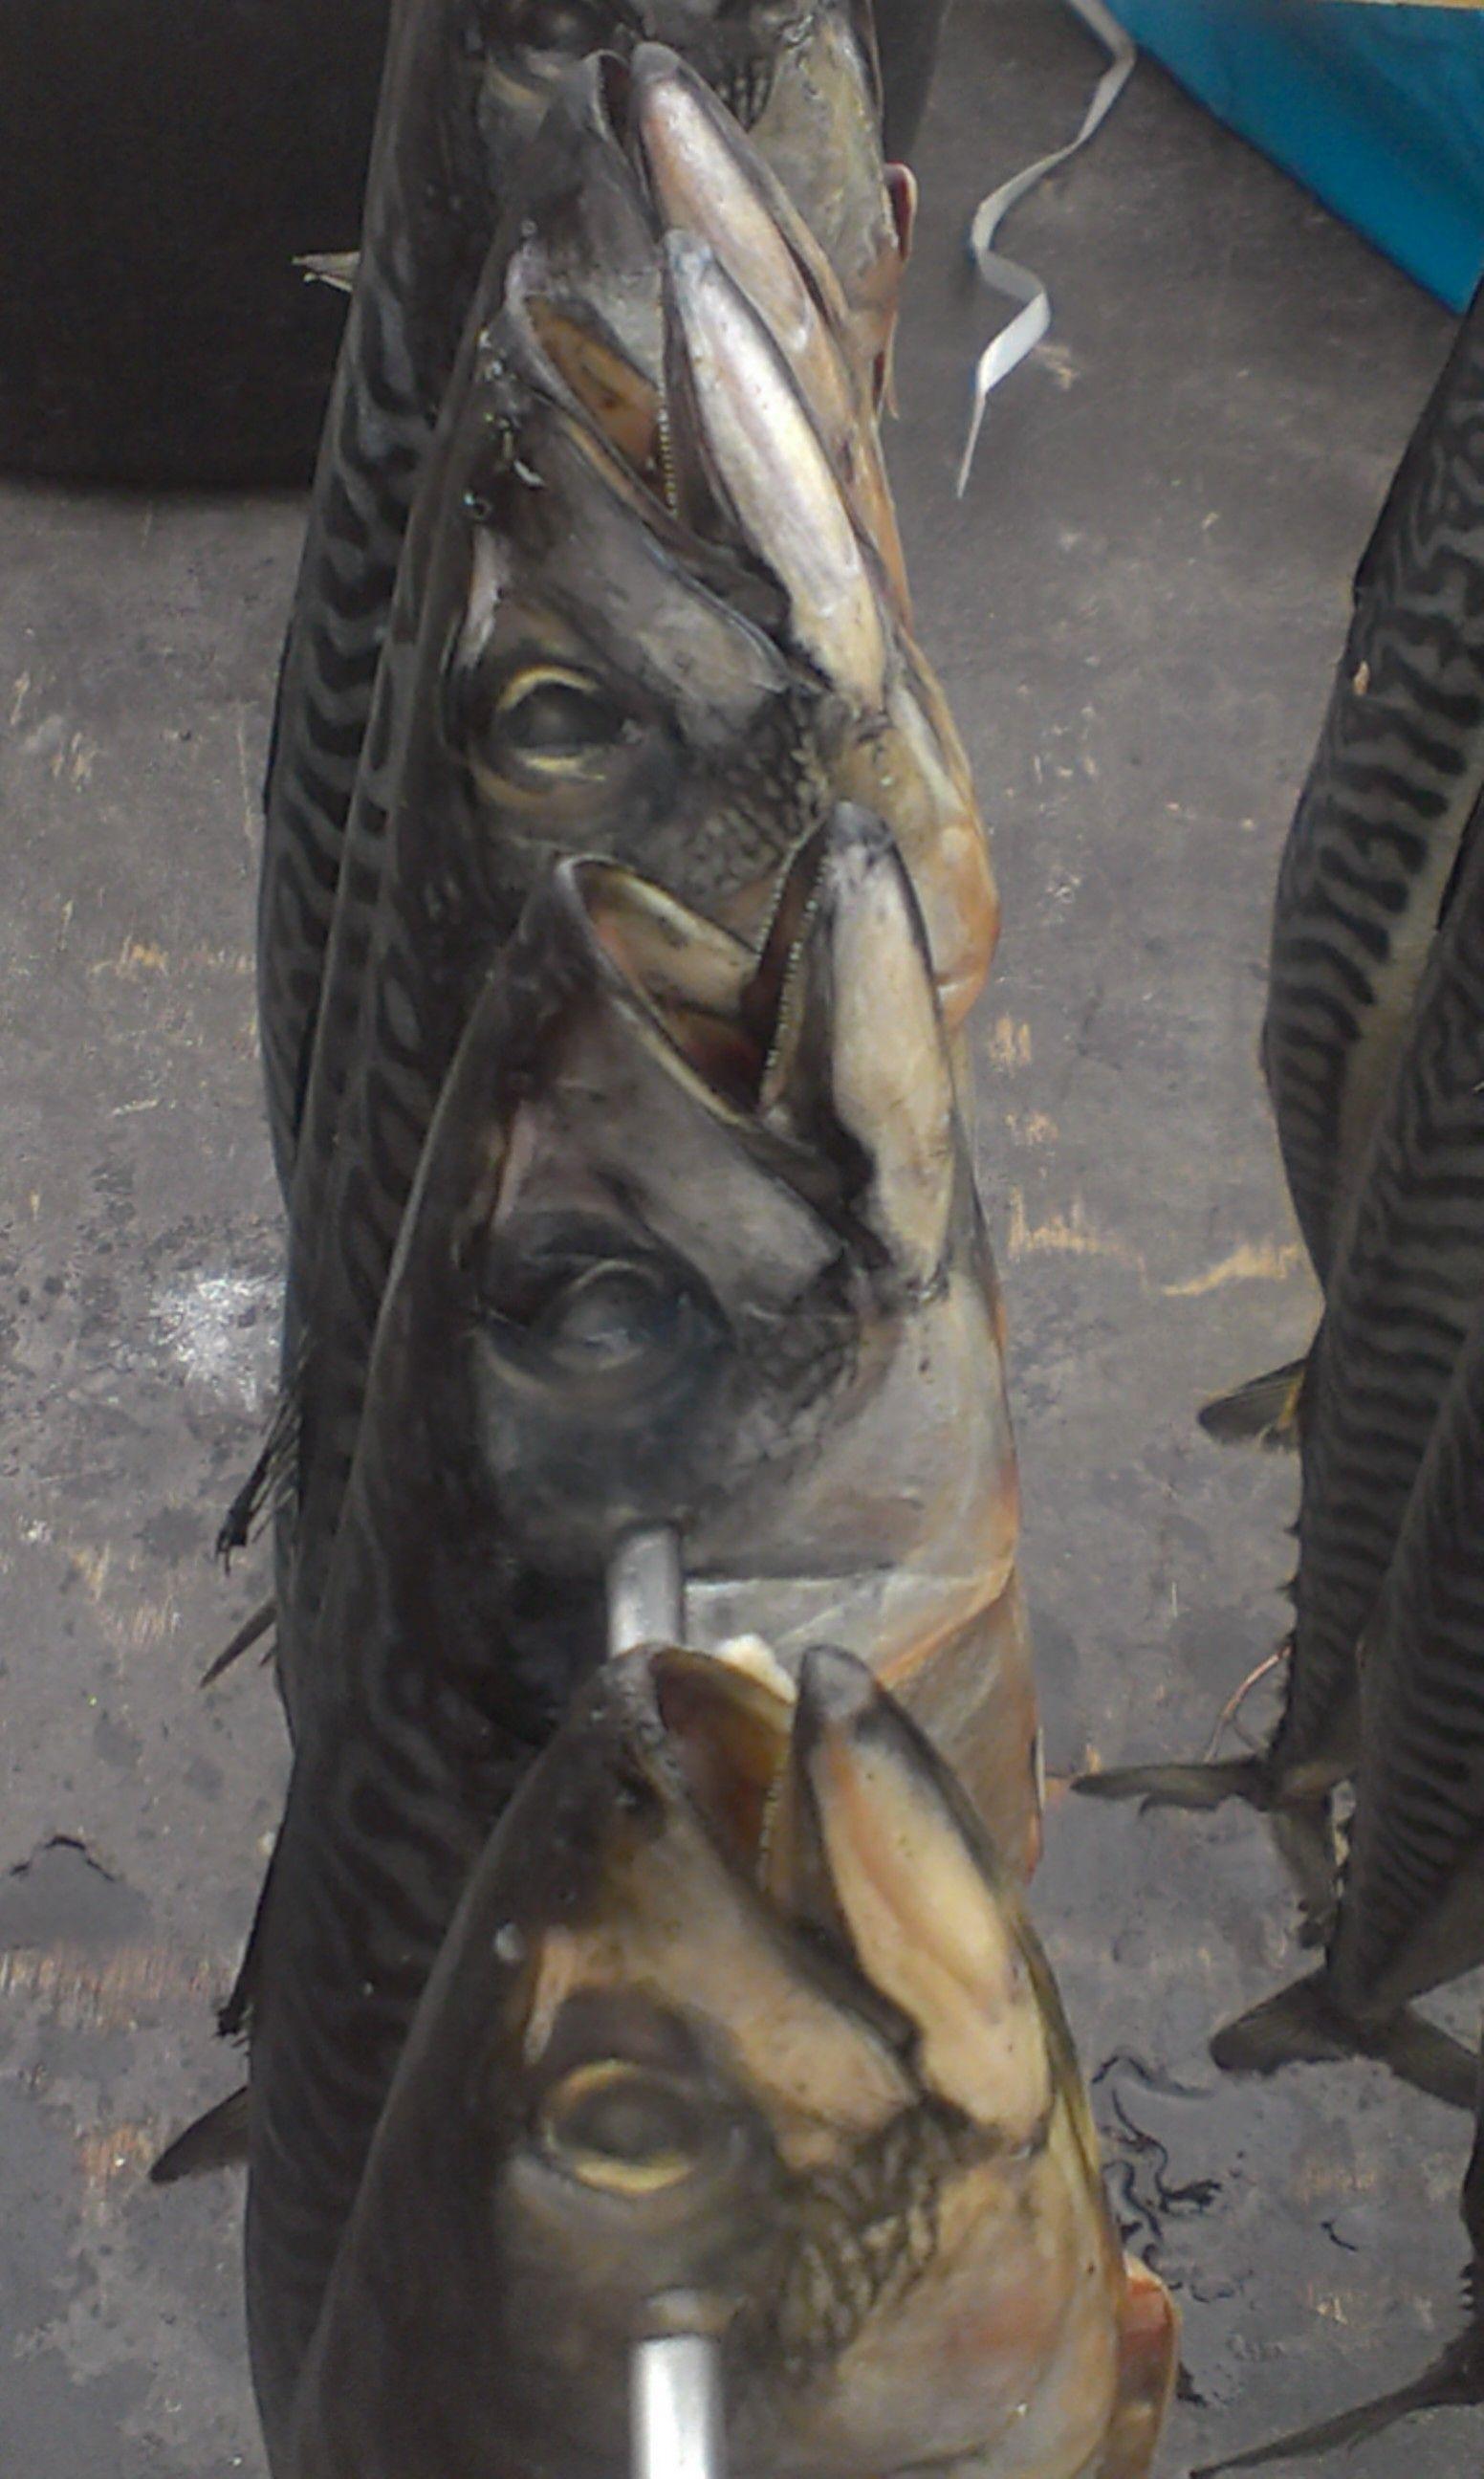 Havenfestival 2013: vers gerookte makreel